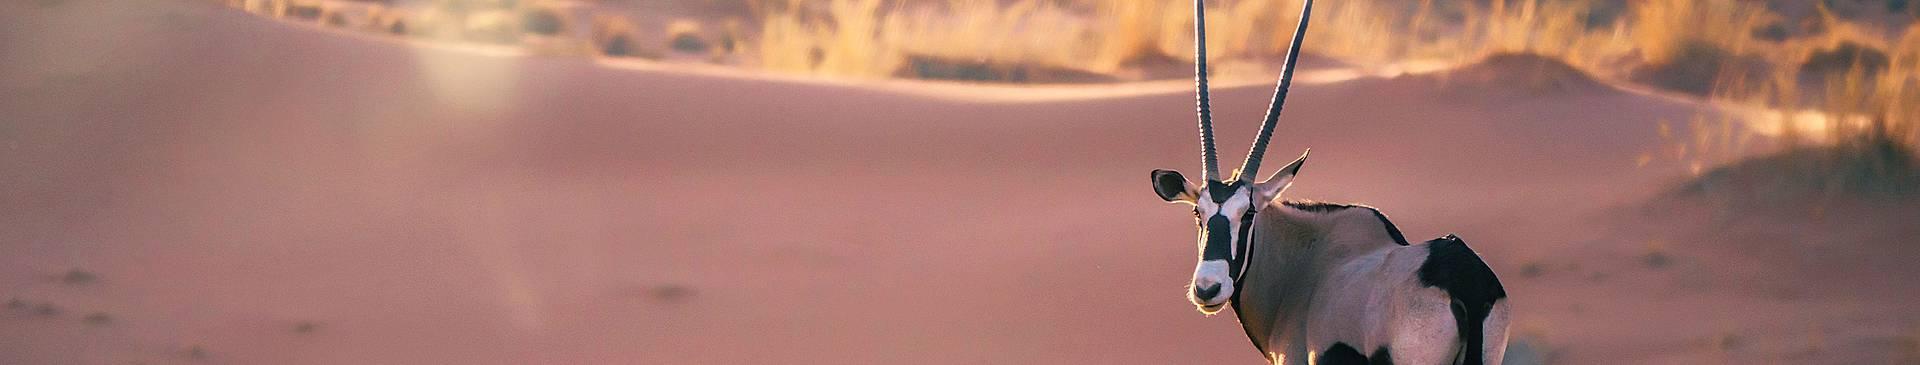 Viajes al desierto de Namibia